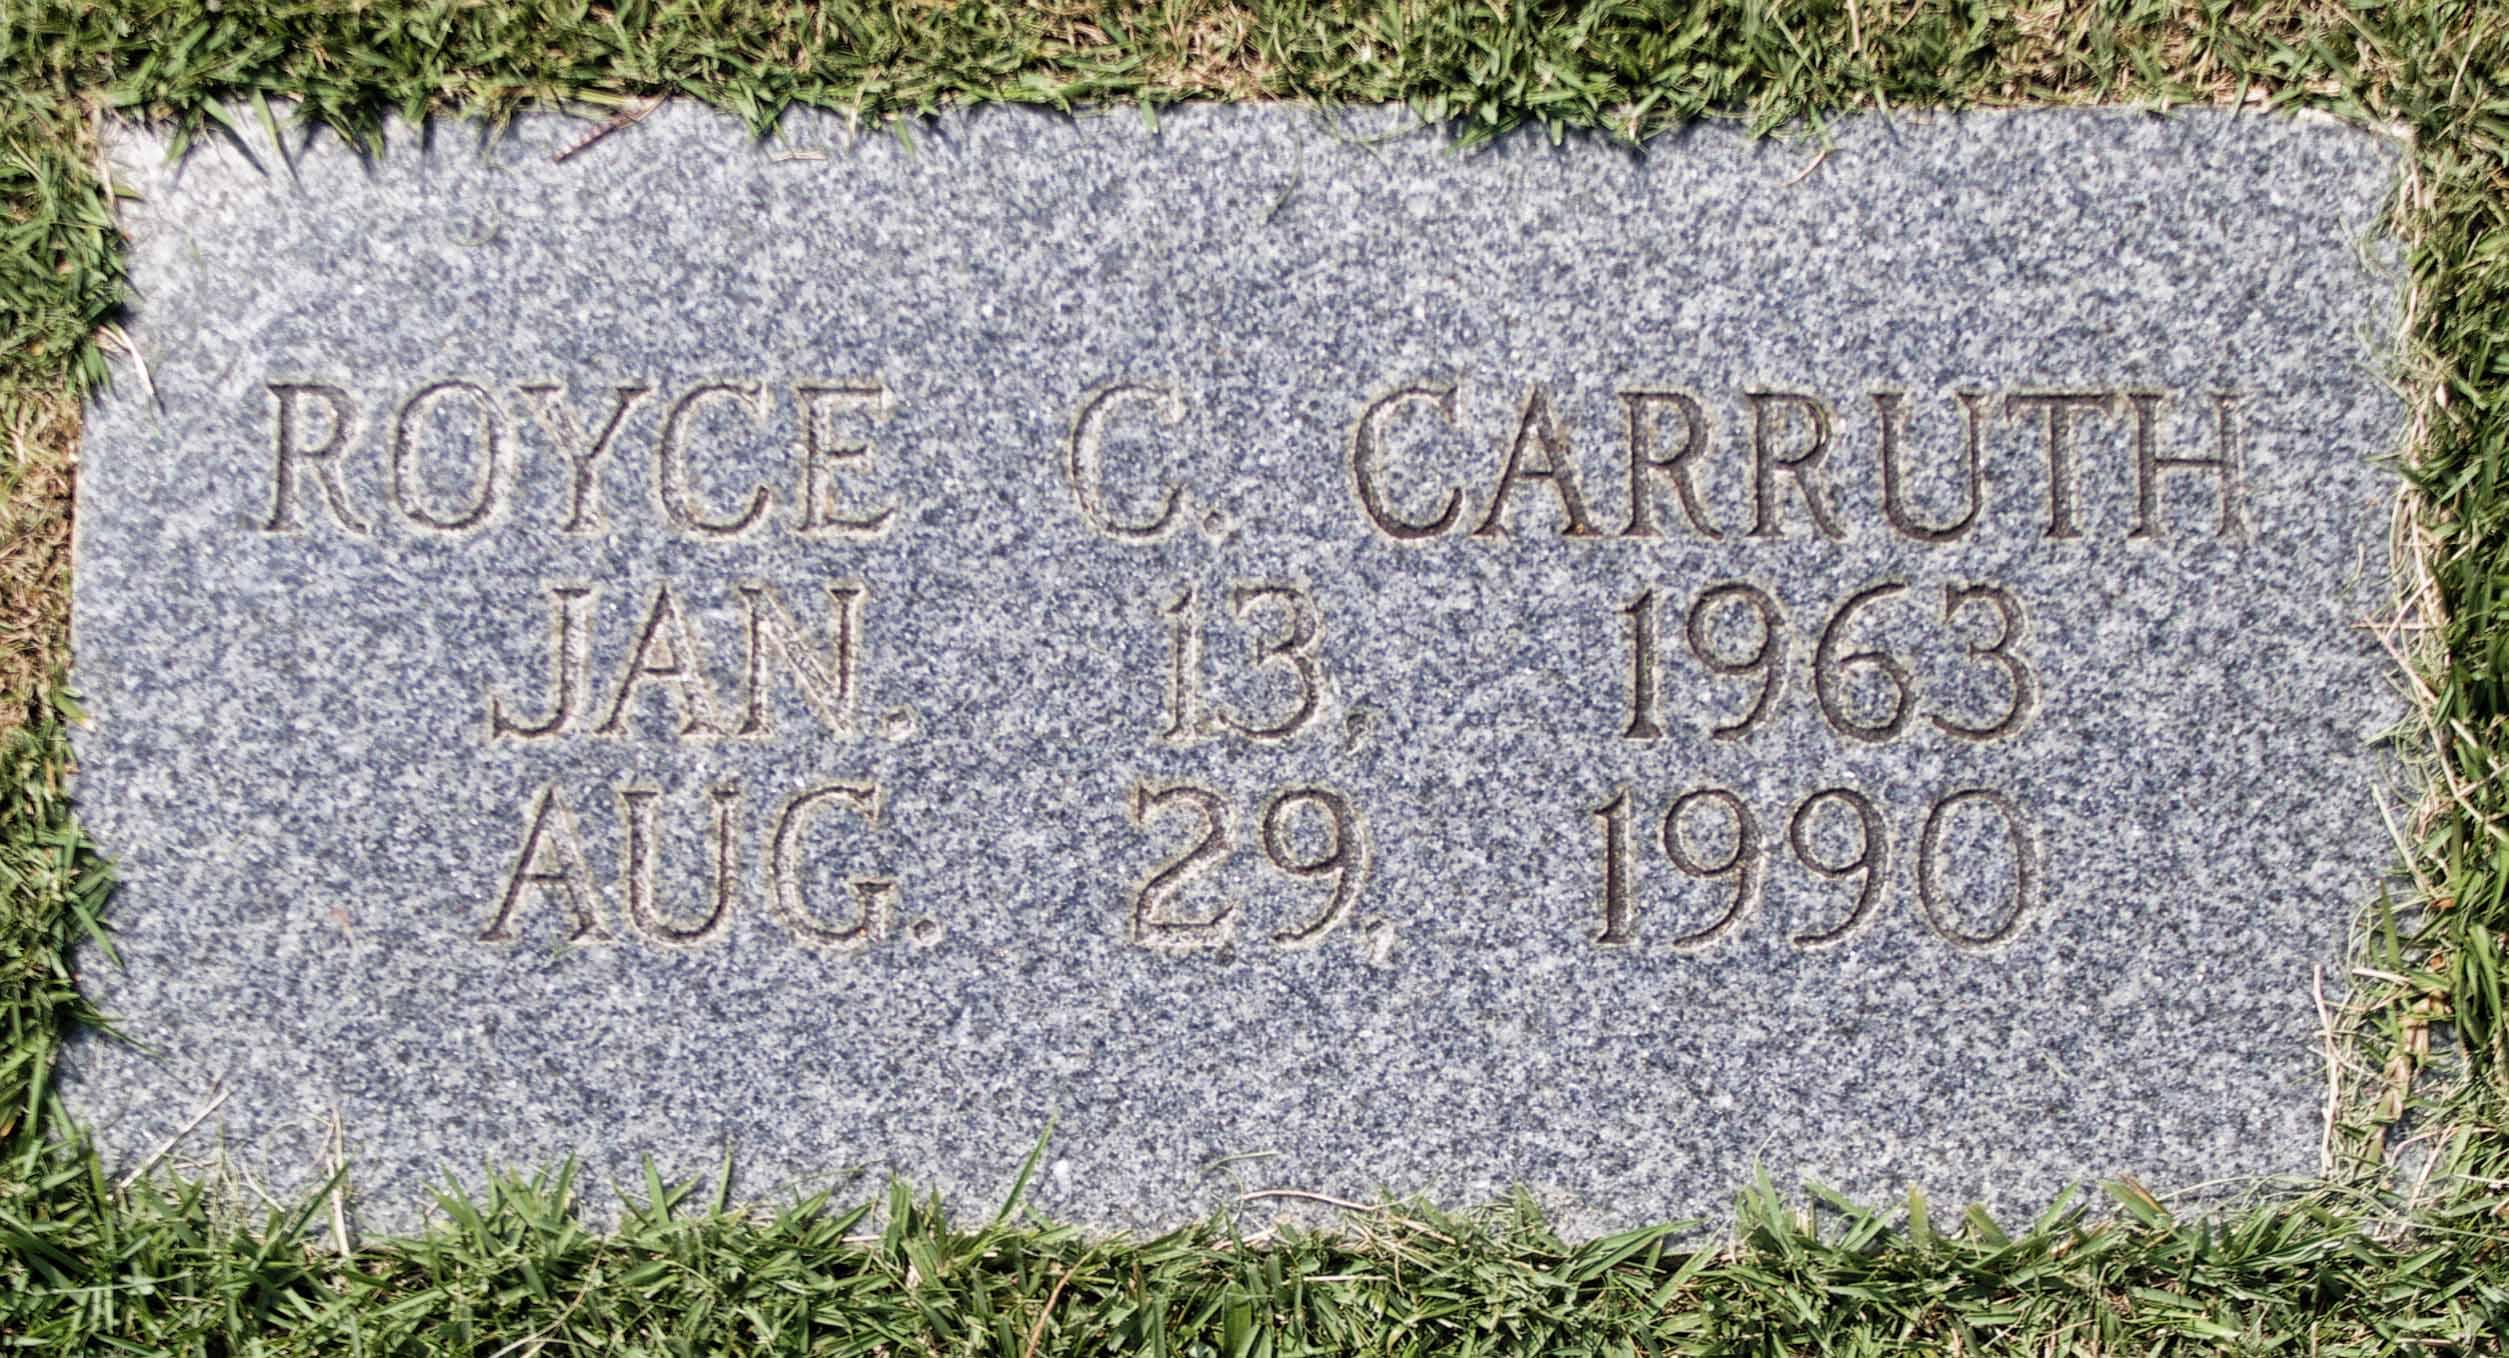 Royce Clifton Carruth